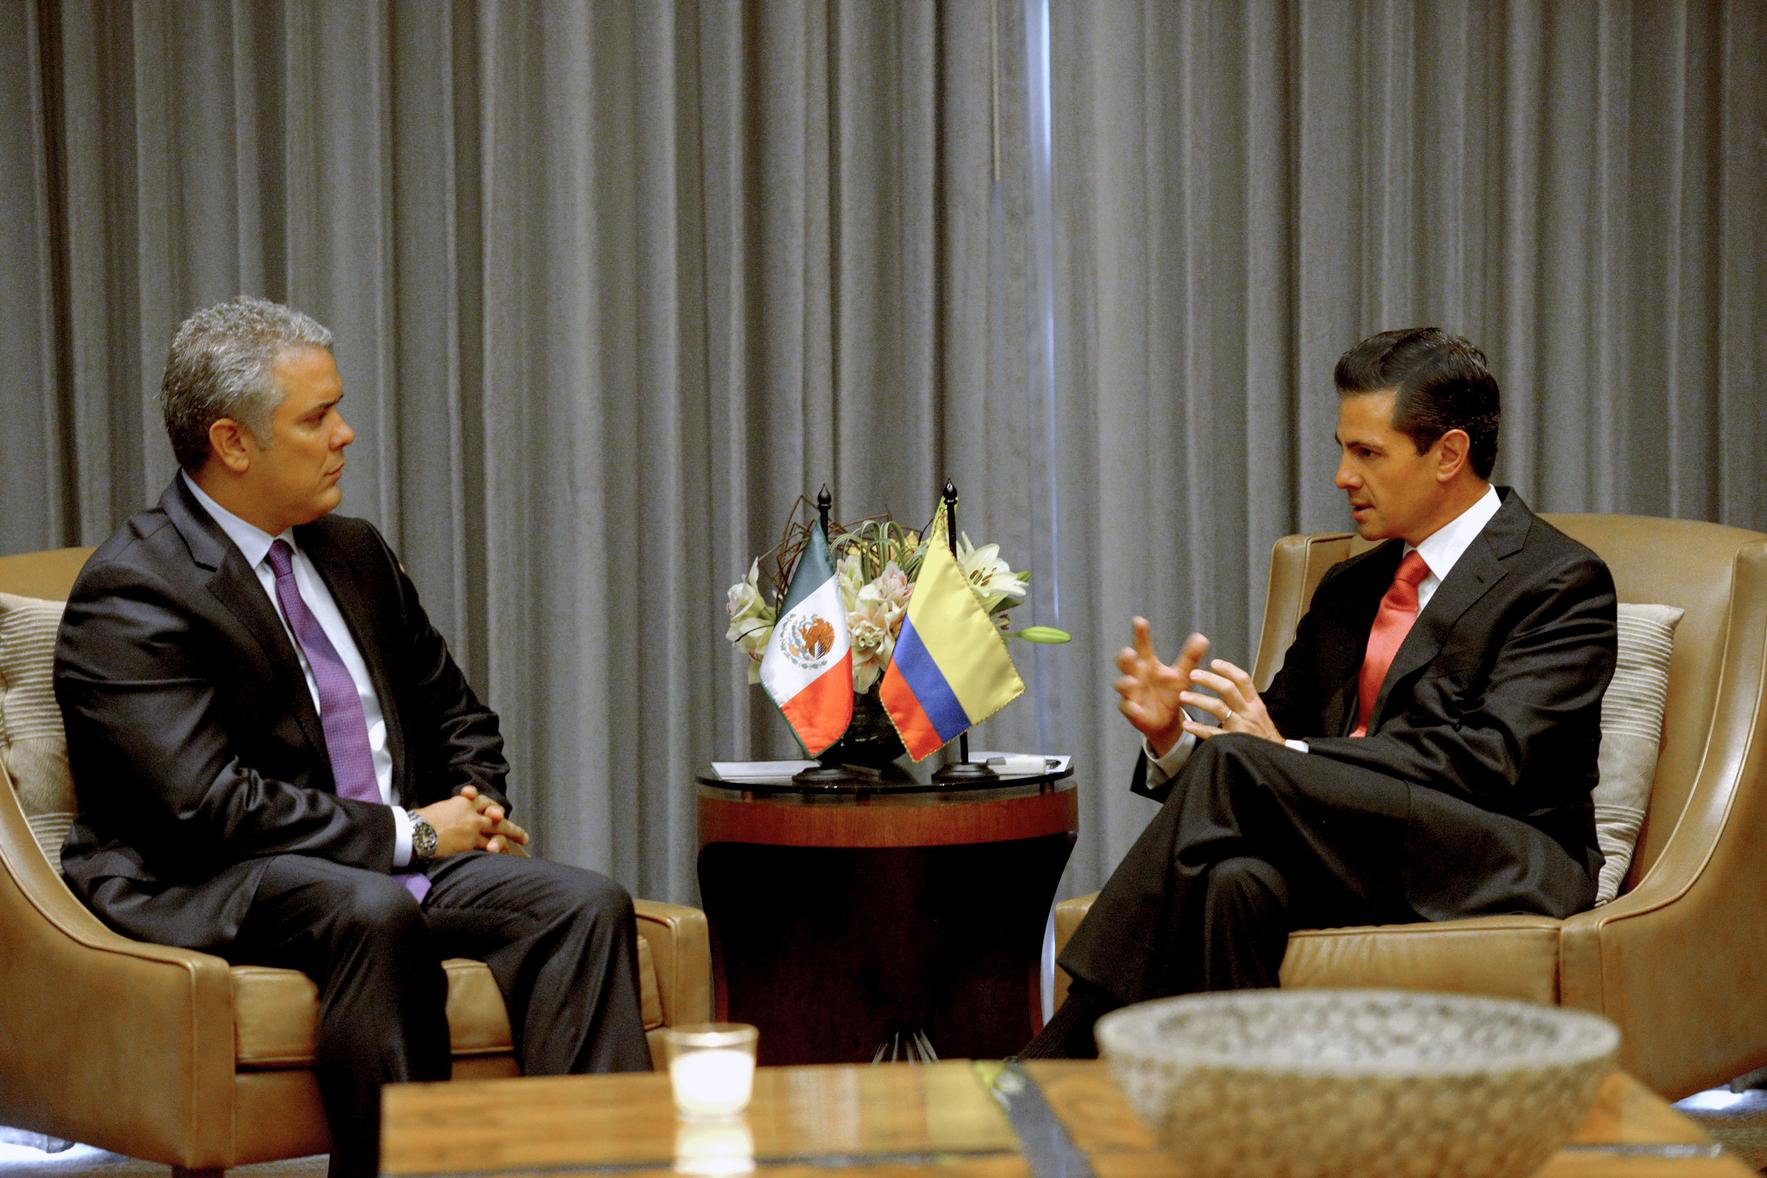 Ambos líderes coincidieron en el valor de mantener una estrecha colaboración en el marco de su participación en la Alianza del Pacífico.